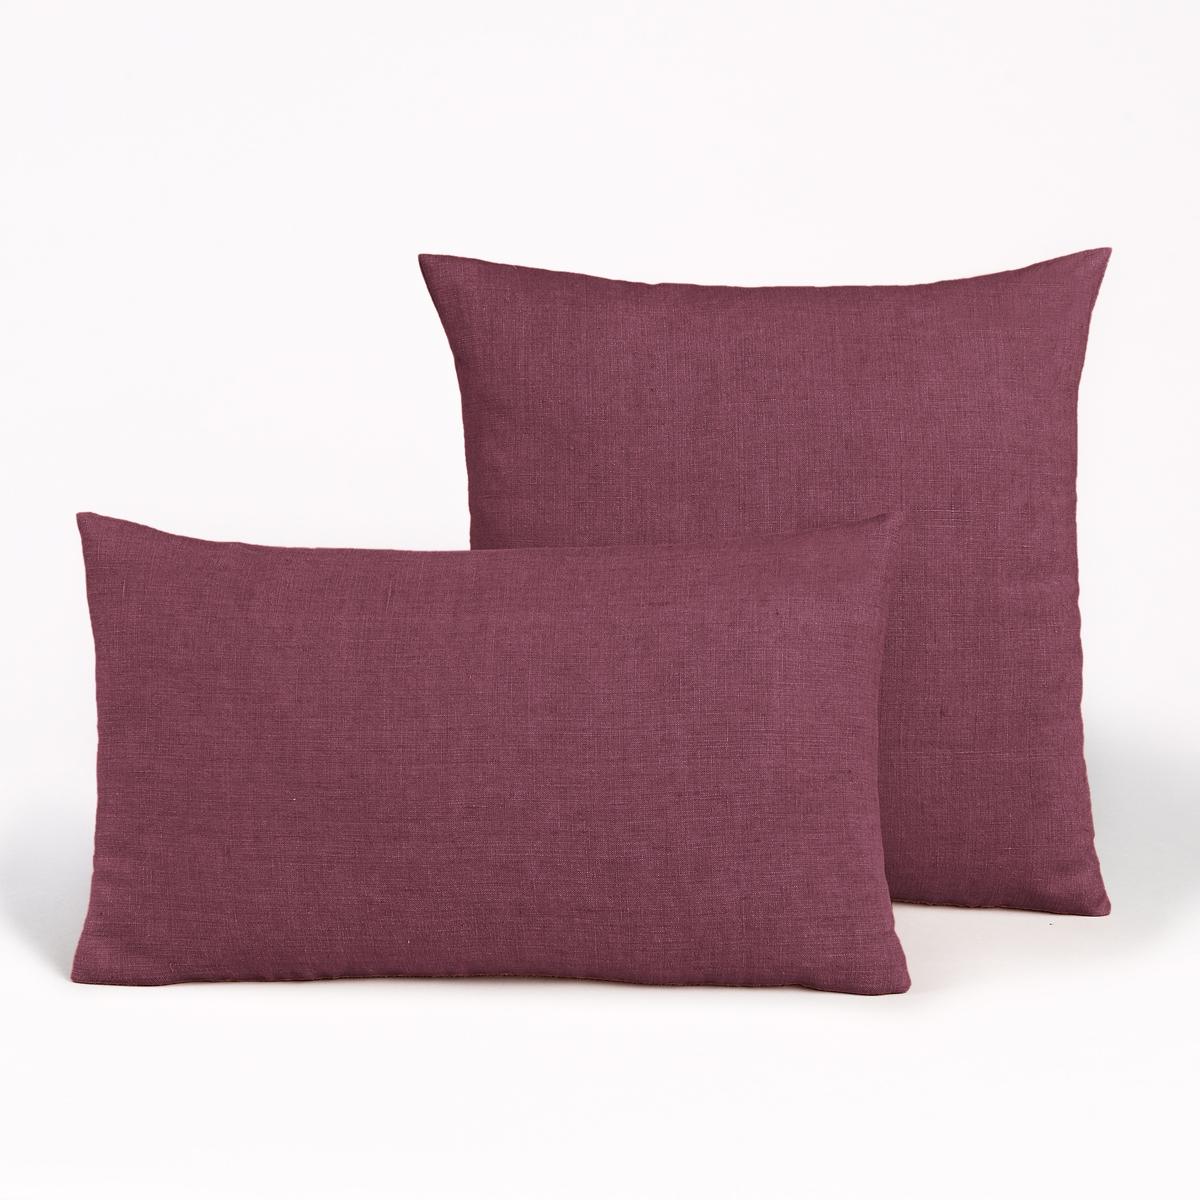 Льняной чехол для подушки, GeorgetteМатериал : - 100% льнаРазмер : - 50 x 30см : прямоугольная форма- 45 x 45 см : квадратная наволочка<br><br>Цвет: розовый телесный,темно-синий,цвет неокрашенного льна,ягодный